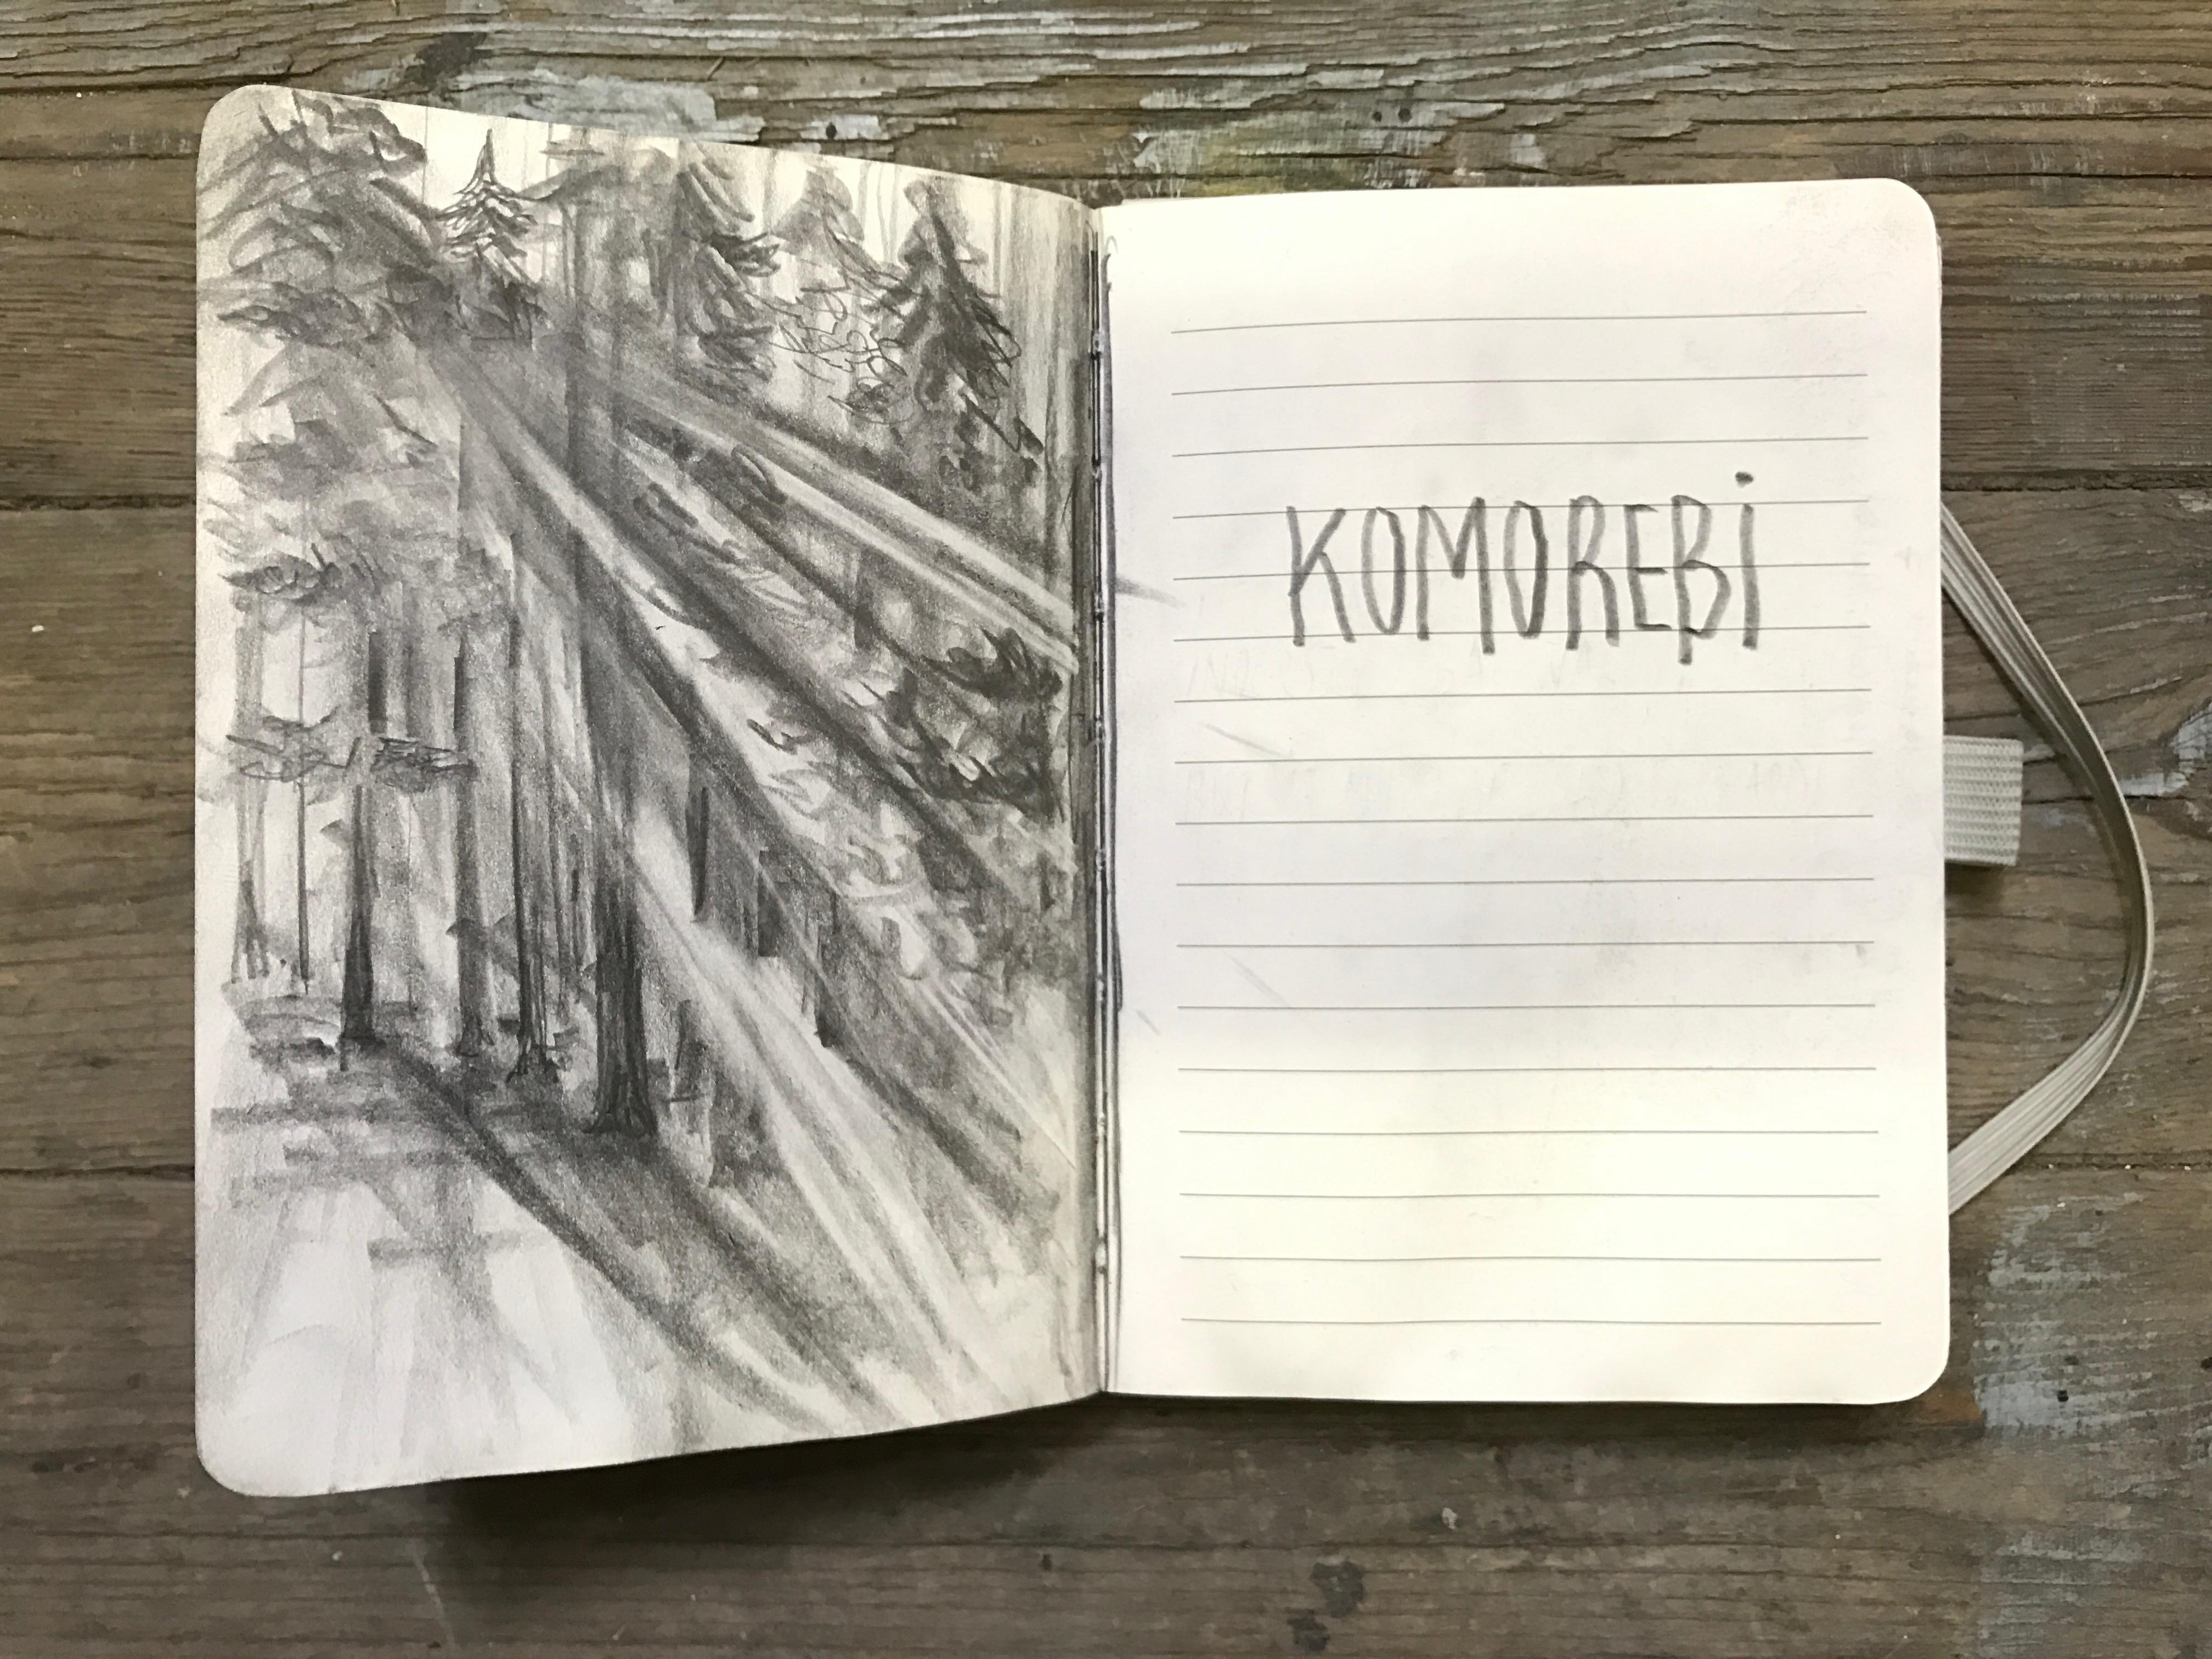 komorebi